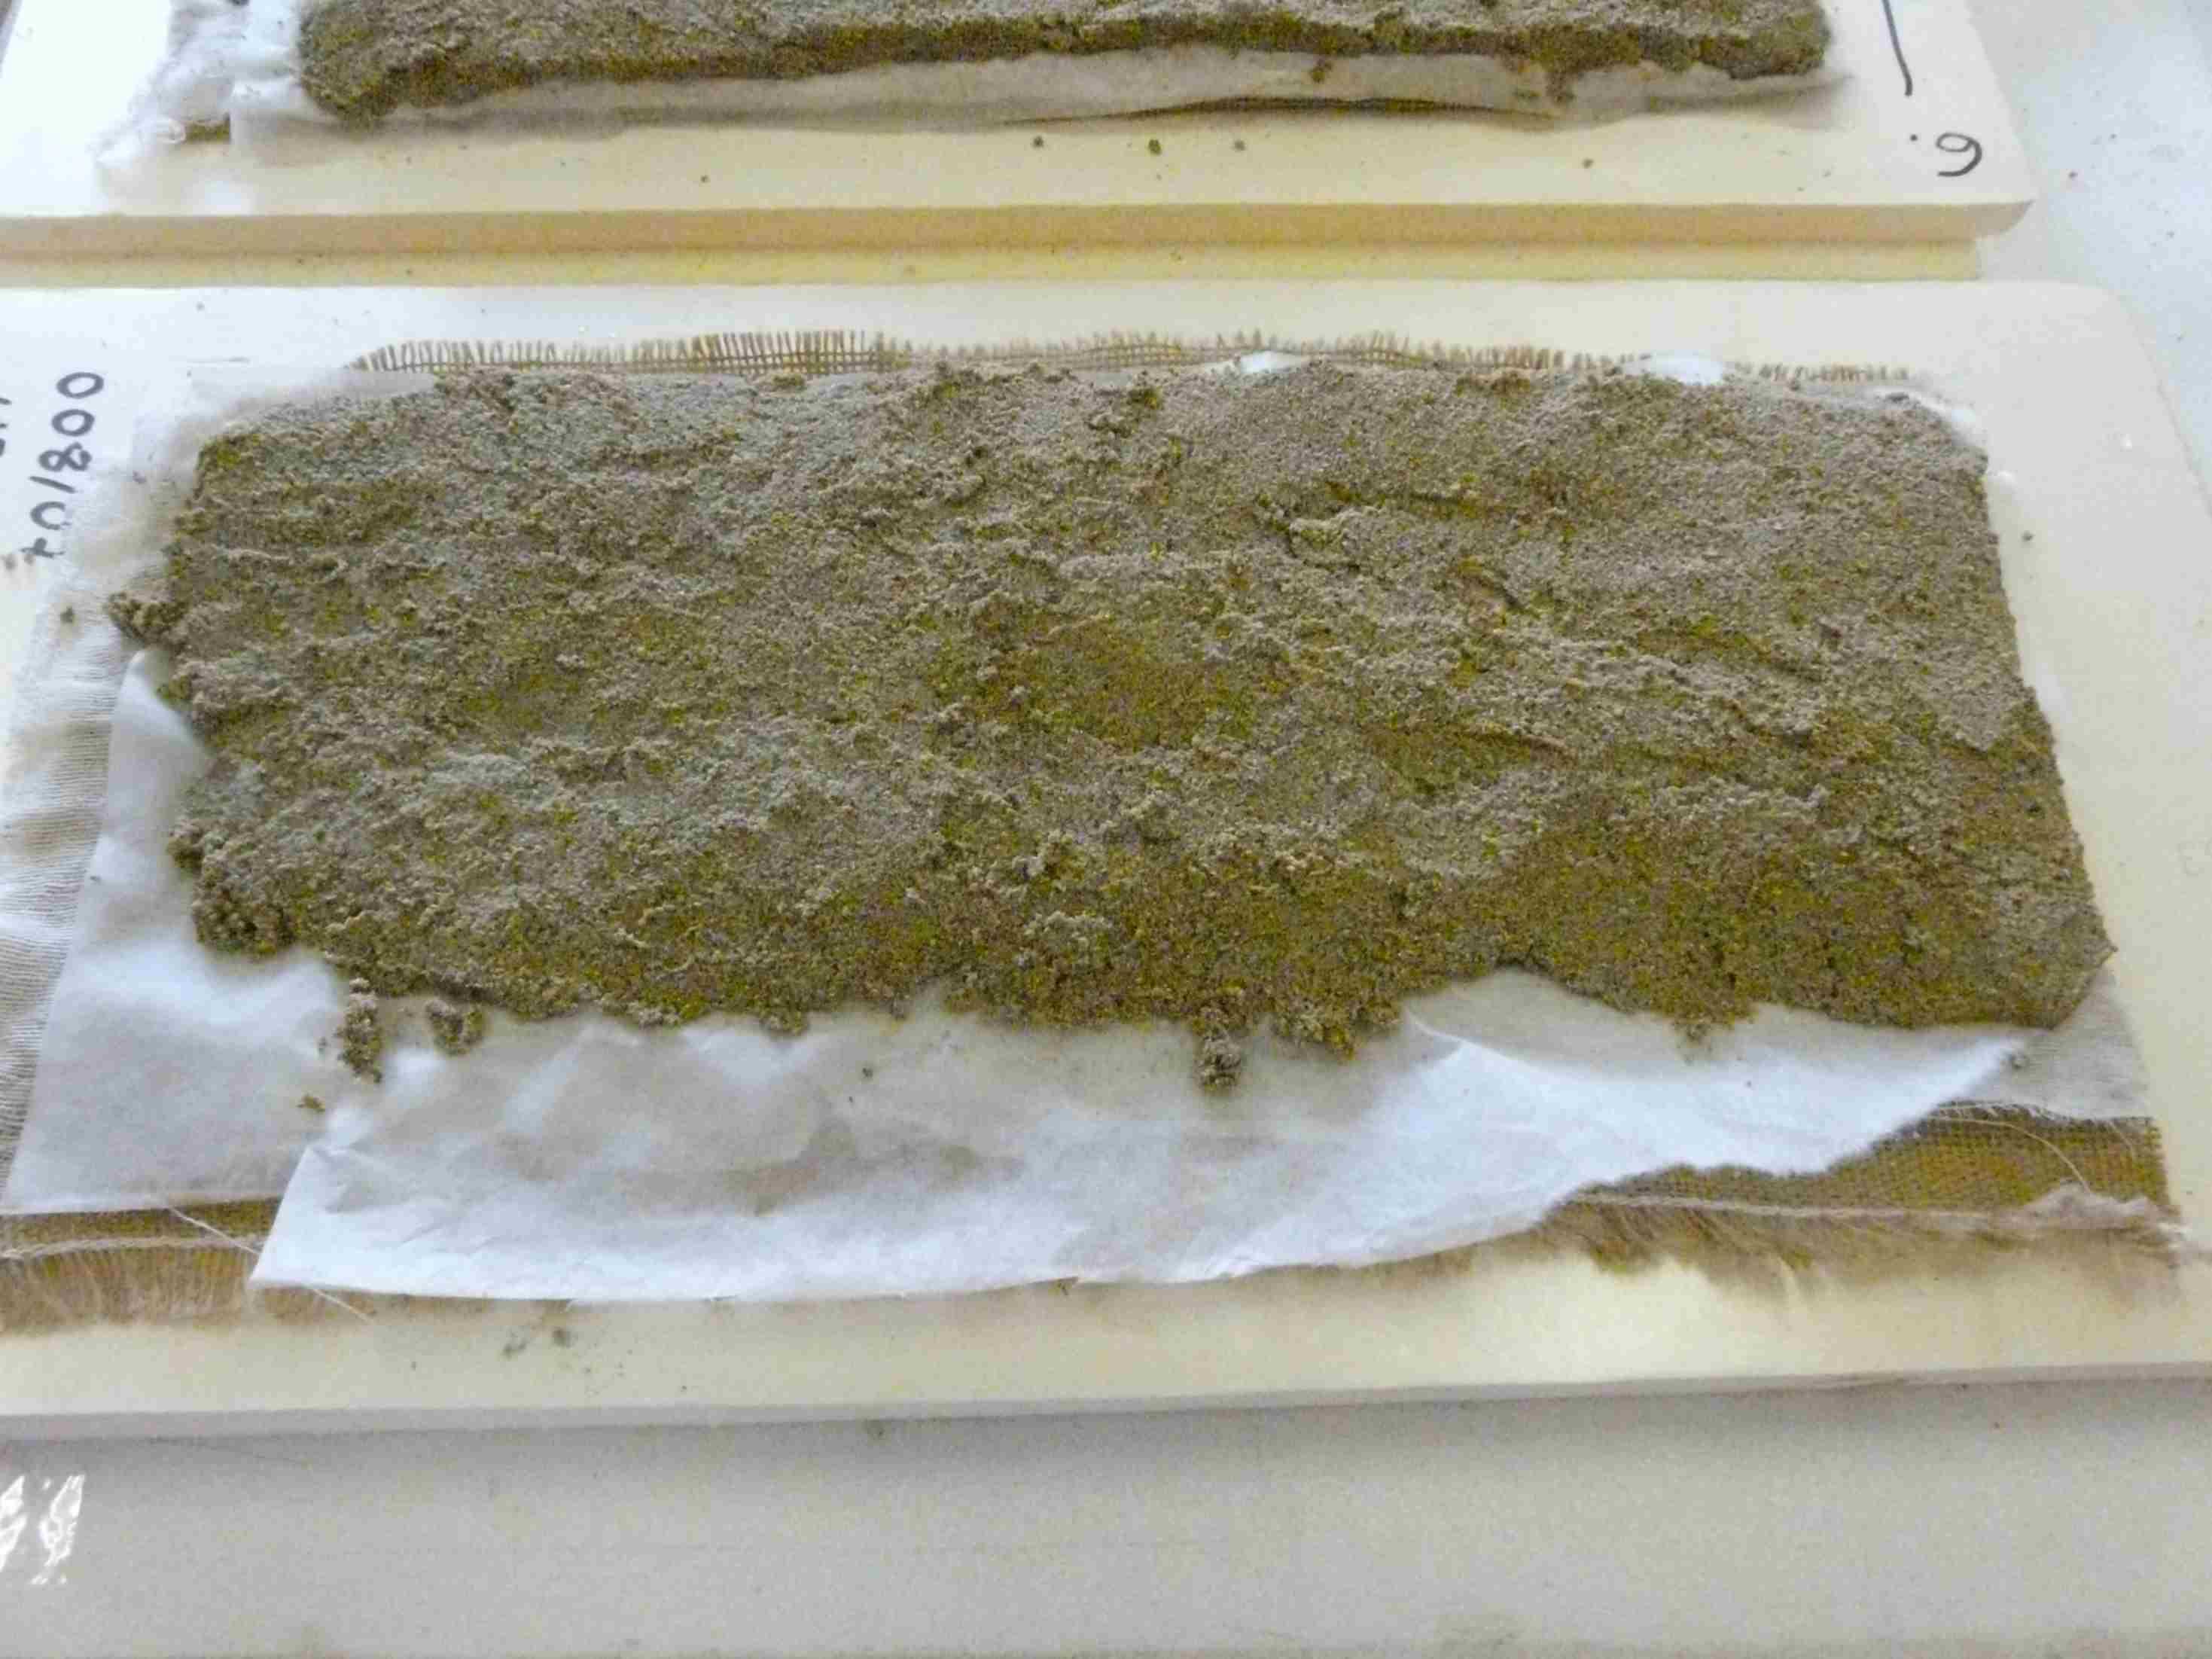 Detall del dessalatge amb polpa de paper i aigua destil·lada (Foto Servei d'Arqueologia)